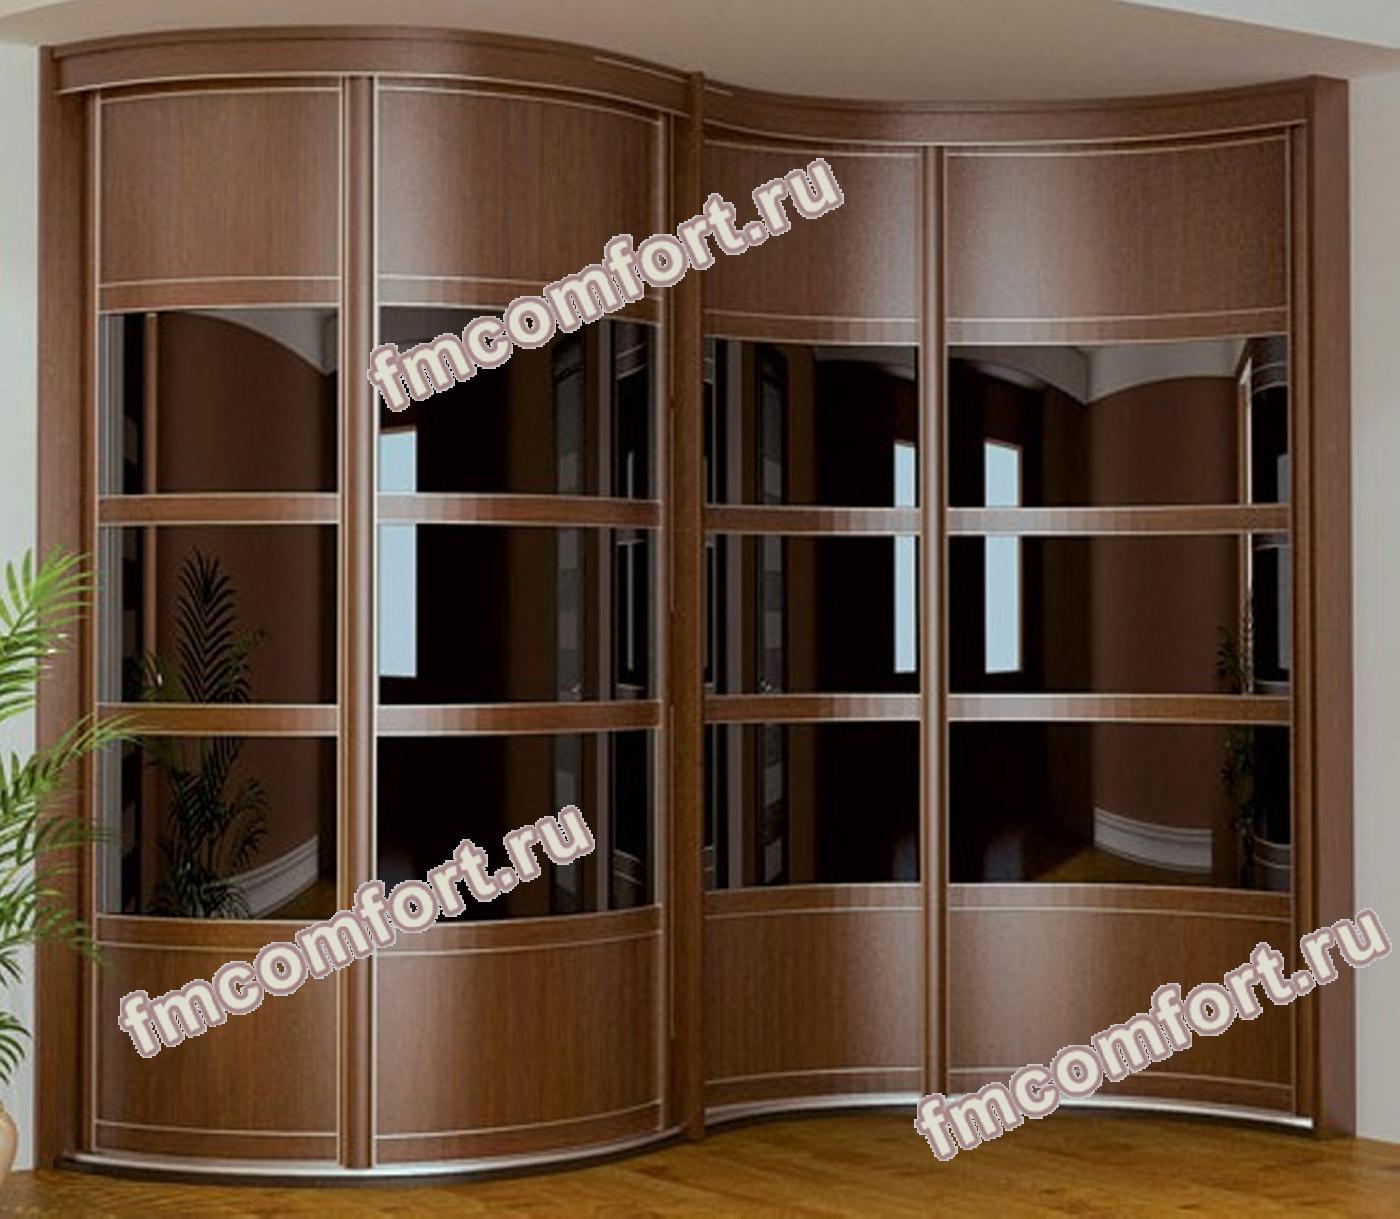 Радиусный шкаф купе в спальню московская фабрика шкафов: шка.